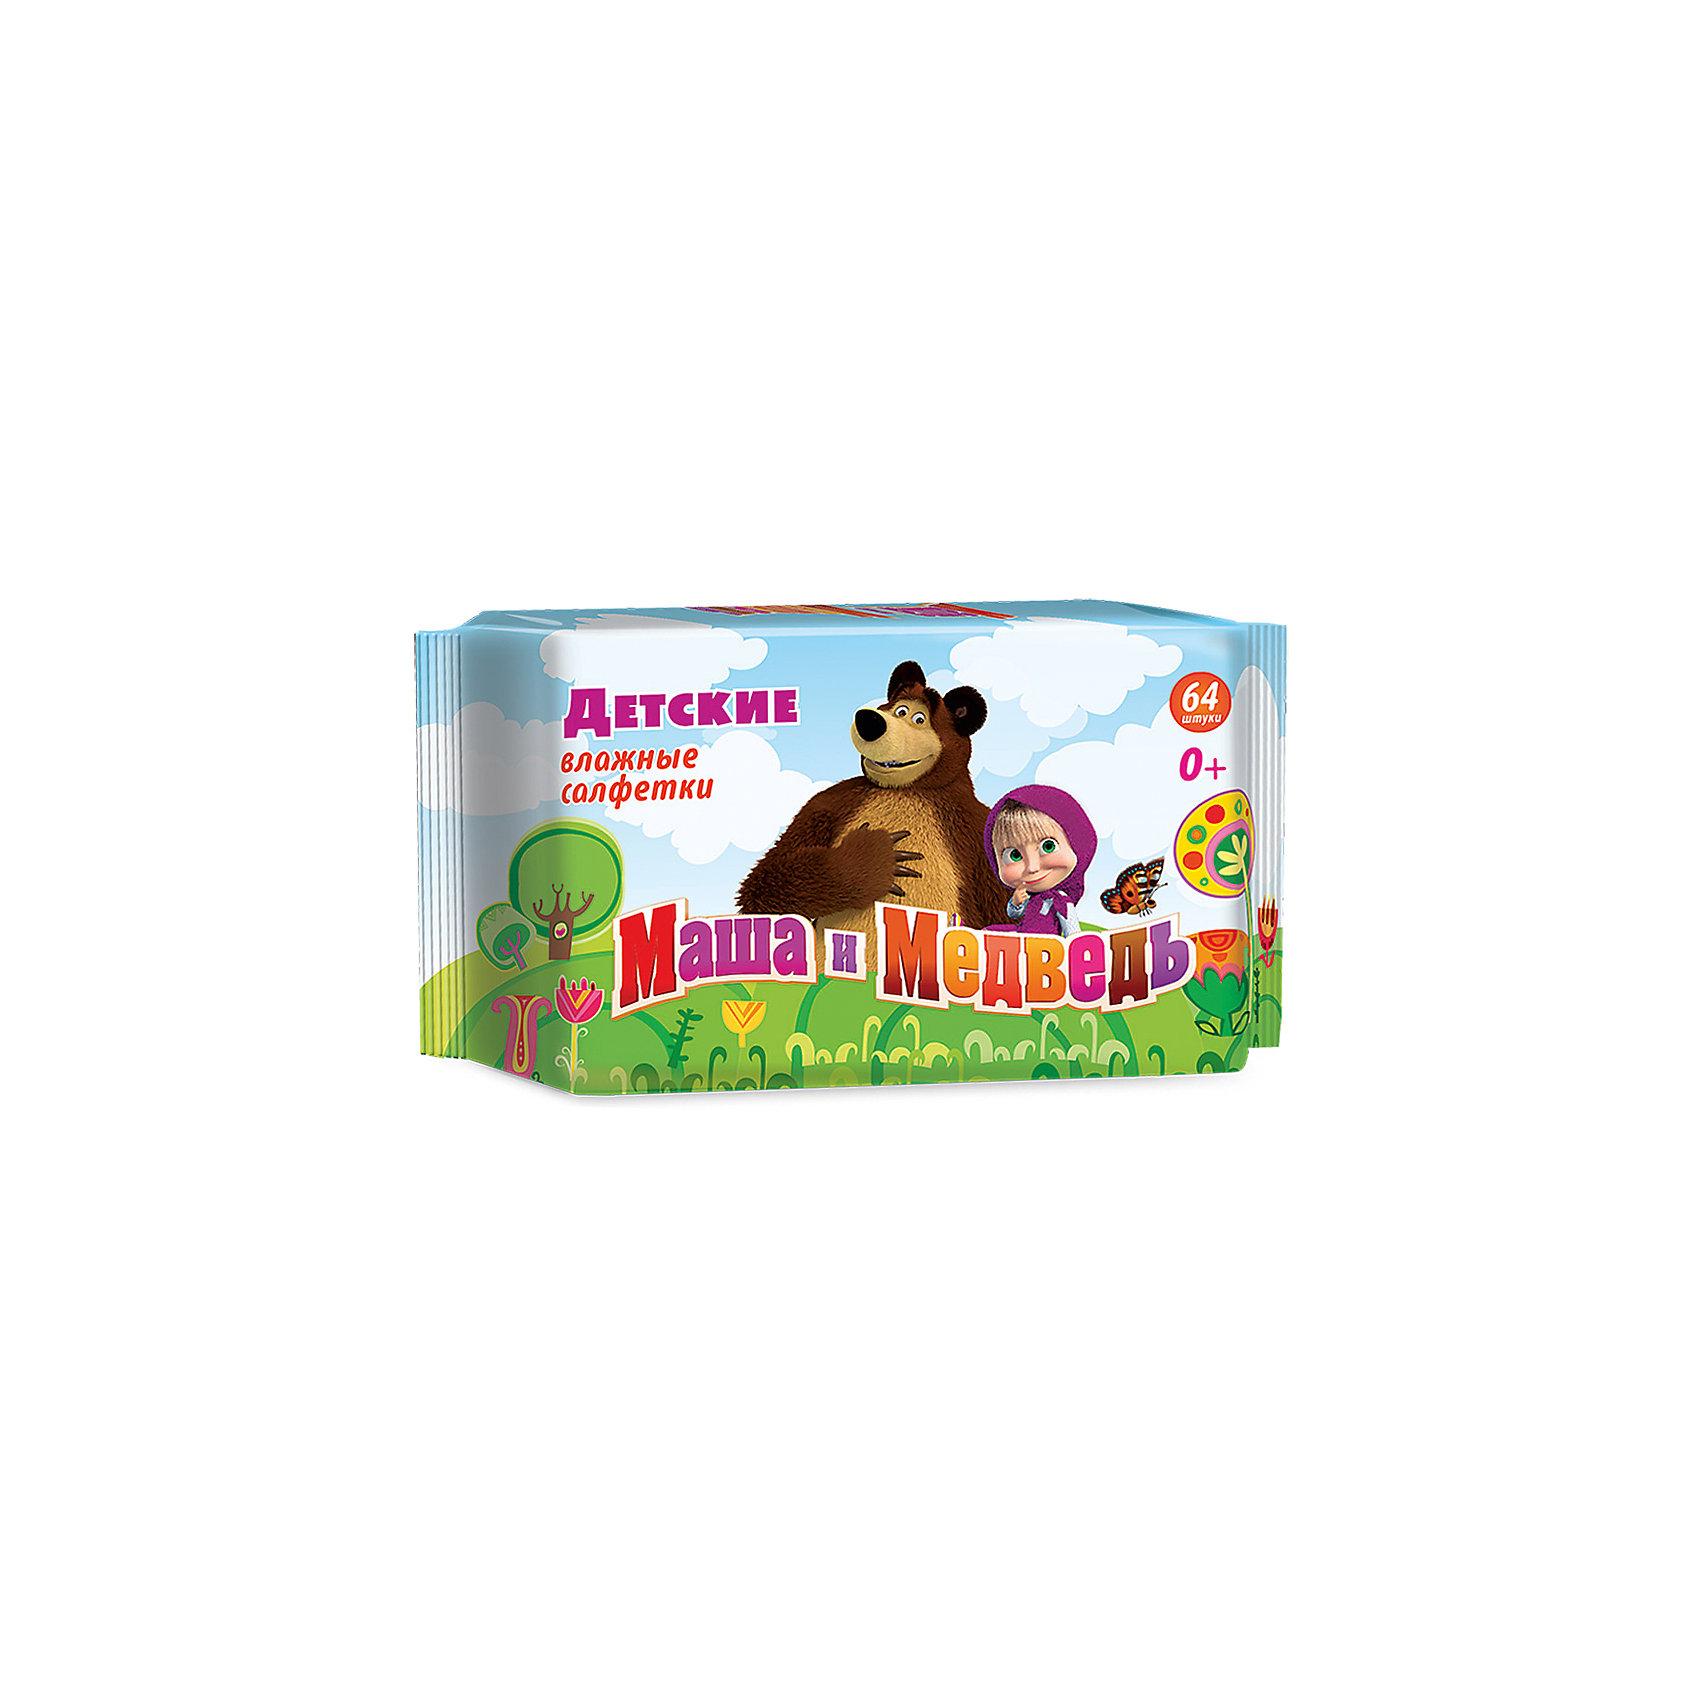 Влажные салфетки Маша и медведь детские 64шт., АвангардВлажные салфетки<br>Характеристики:<br><br>• Коллекция: Маша и медведь<br>• Материал: нетканый материал, лосьон<br>• Количество в упаковке: 64 штуки<br>• Не содержат спирта<br>• Яркая герметичная упаковка с клапаном<br>• В состав пропитки входит экстракт ромашки и аллантоин<br>• Вес: 300 г<br>• Размеры (Д*Ш*В): 20*4*9 см<br><br>Материал является гипоаллергенным, не раздражает нежную детскую кожу, длительное время удерживает влагу, благодаря чему салфетки сохраняют свои свойства. При использовании не изменяют pH уровень кожи. Салфетки имеют экономичную упаковку с клапаном, который обеспечивает герметичность и защищает от пересыхания. В состав пропитки входит аллантоин и экстракт ромашки, поэтому эти салфетки можно использовать для обработки поверхностных ран и ссадин.<br><br>Влажные салфетки Маша и медведь детские 64 шт., Авангард можно купить в нашем интернет-магазине.<br><br>Ширина мм: 90<br>Глубина мм: 200<br>Высота мм: 40<br>Вес г: 300<br>Возраст от месяцев: 0<br>Возраст до месяцев: 84<br>Пол: Унисекс<br>Возраст: Детский<br>SKU: 5489918